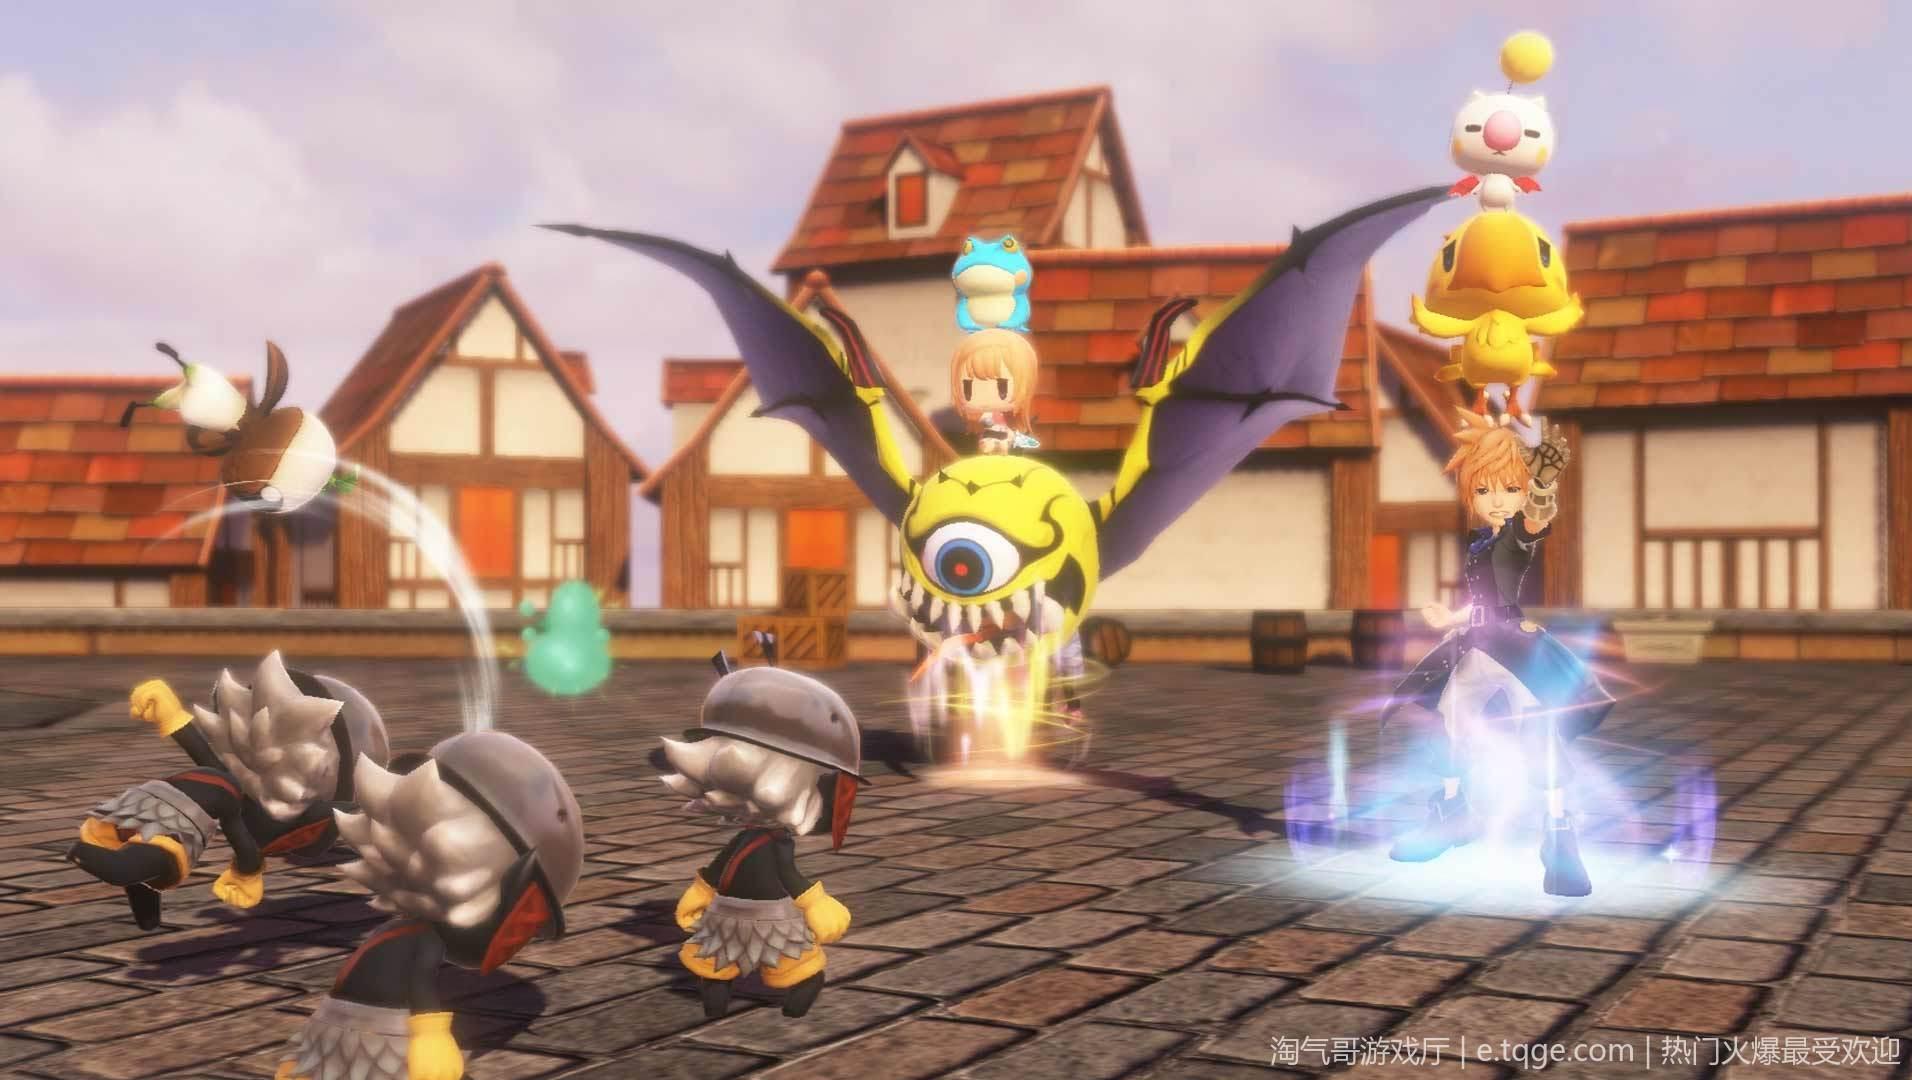 最终幻想 世界 角色扮演 第6张